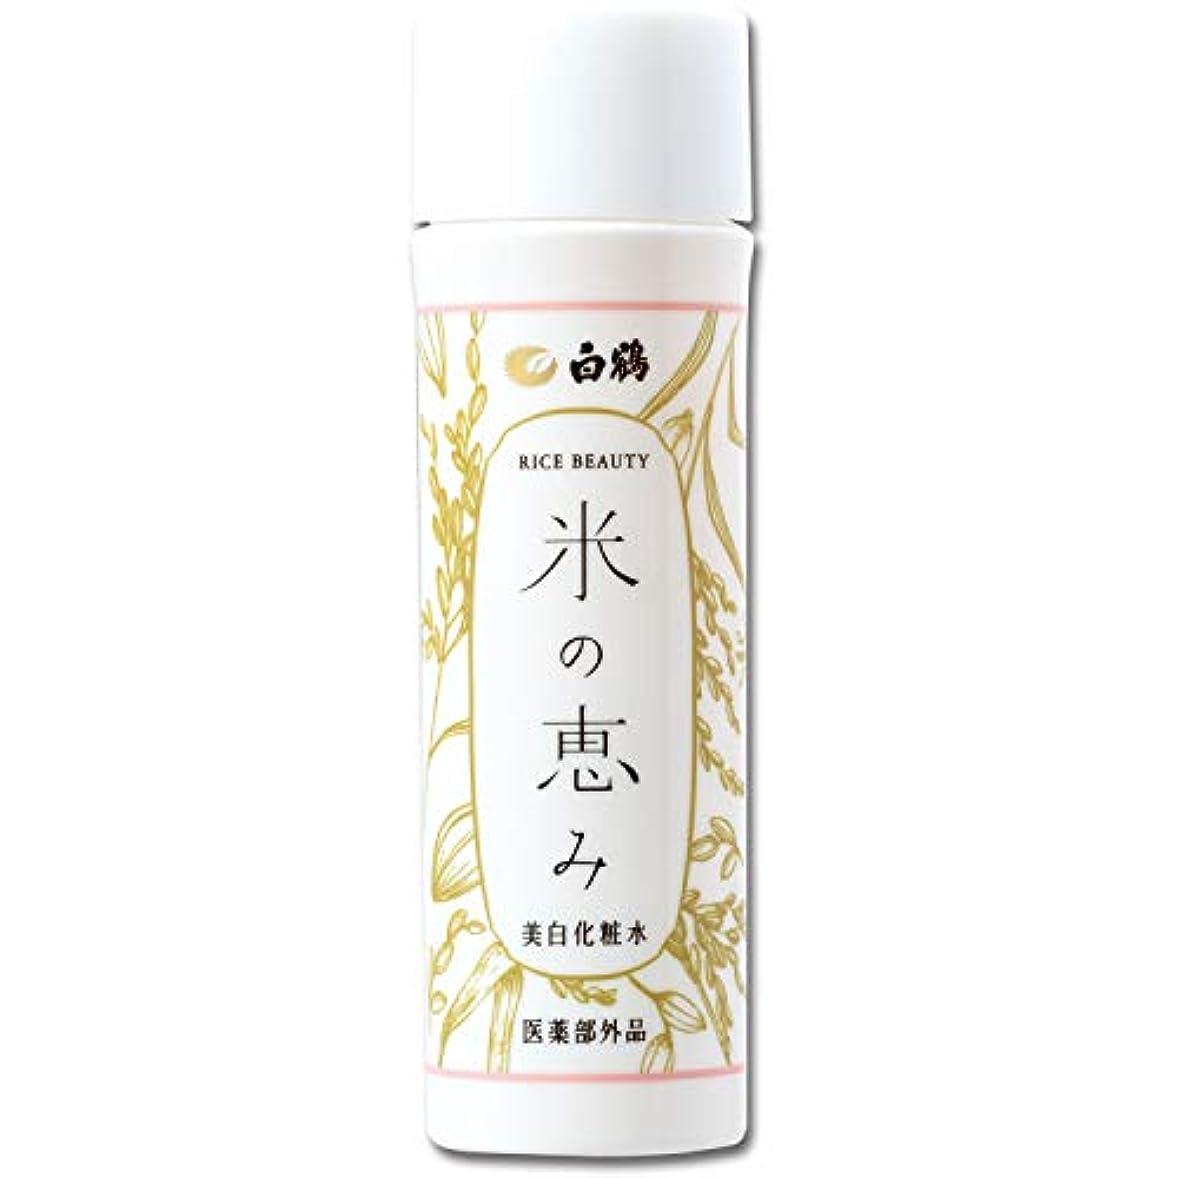 プロフェッショナル納得させる段落ライスビューティー 米の恵み 美白化粧水 150ml 医薬部外品